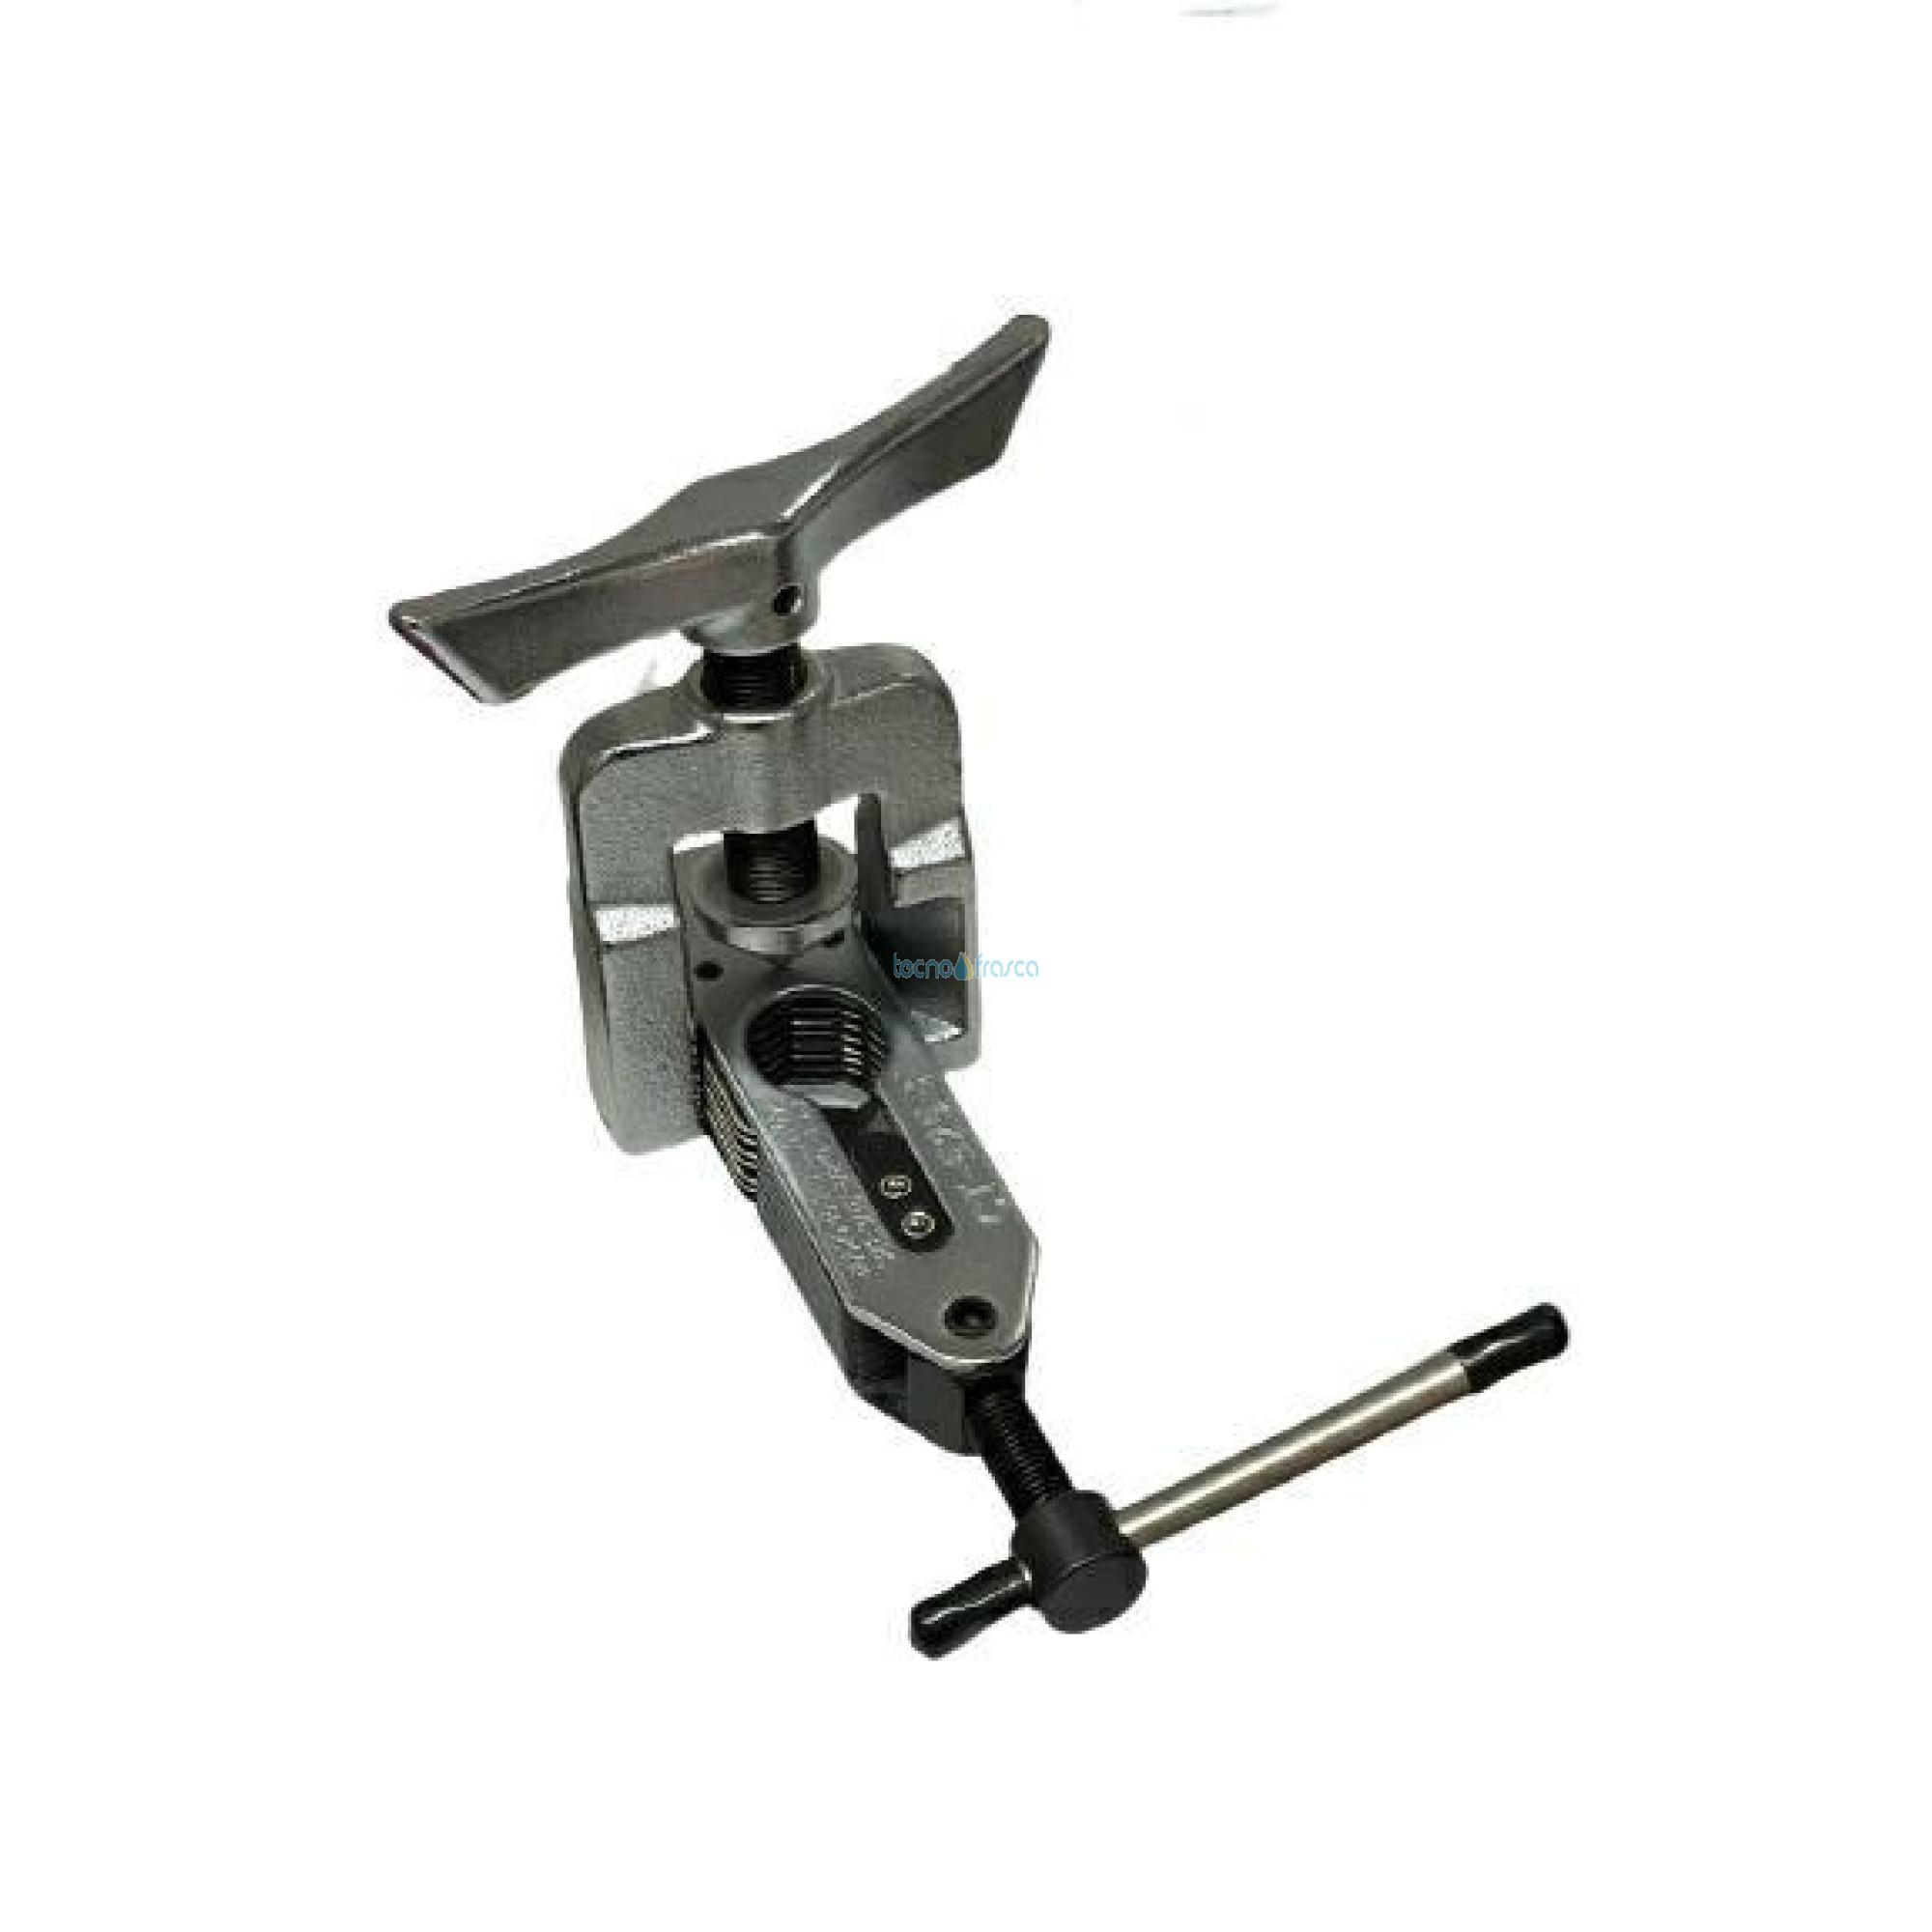 Flangiatubi cartellatrice tubo rame condizionamento 4-16mm 3p.420